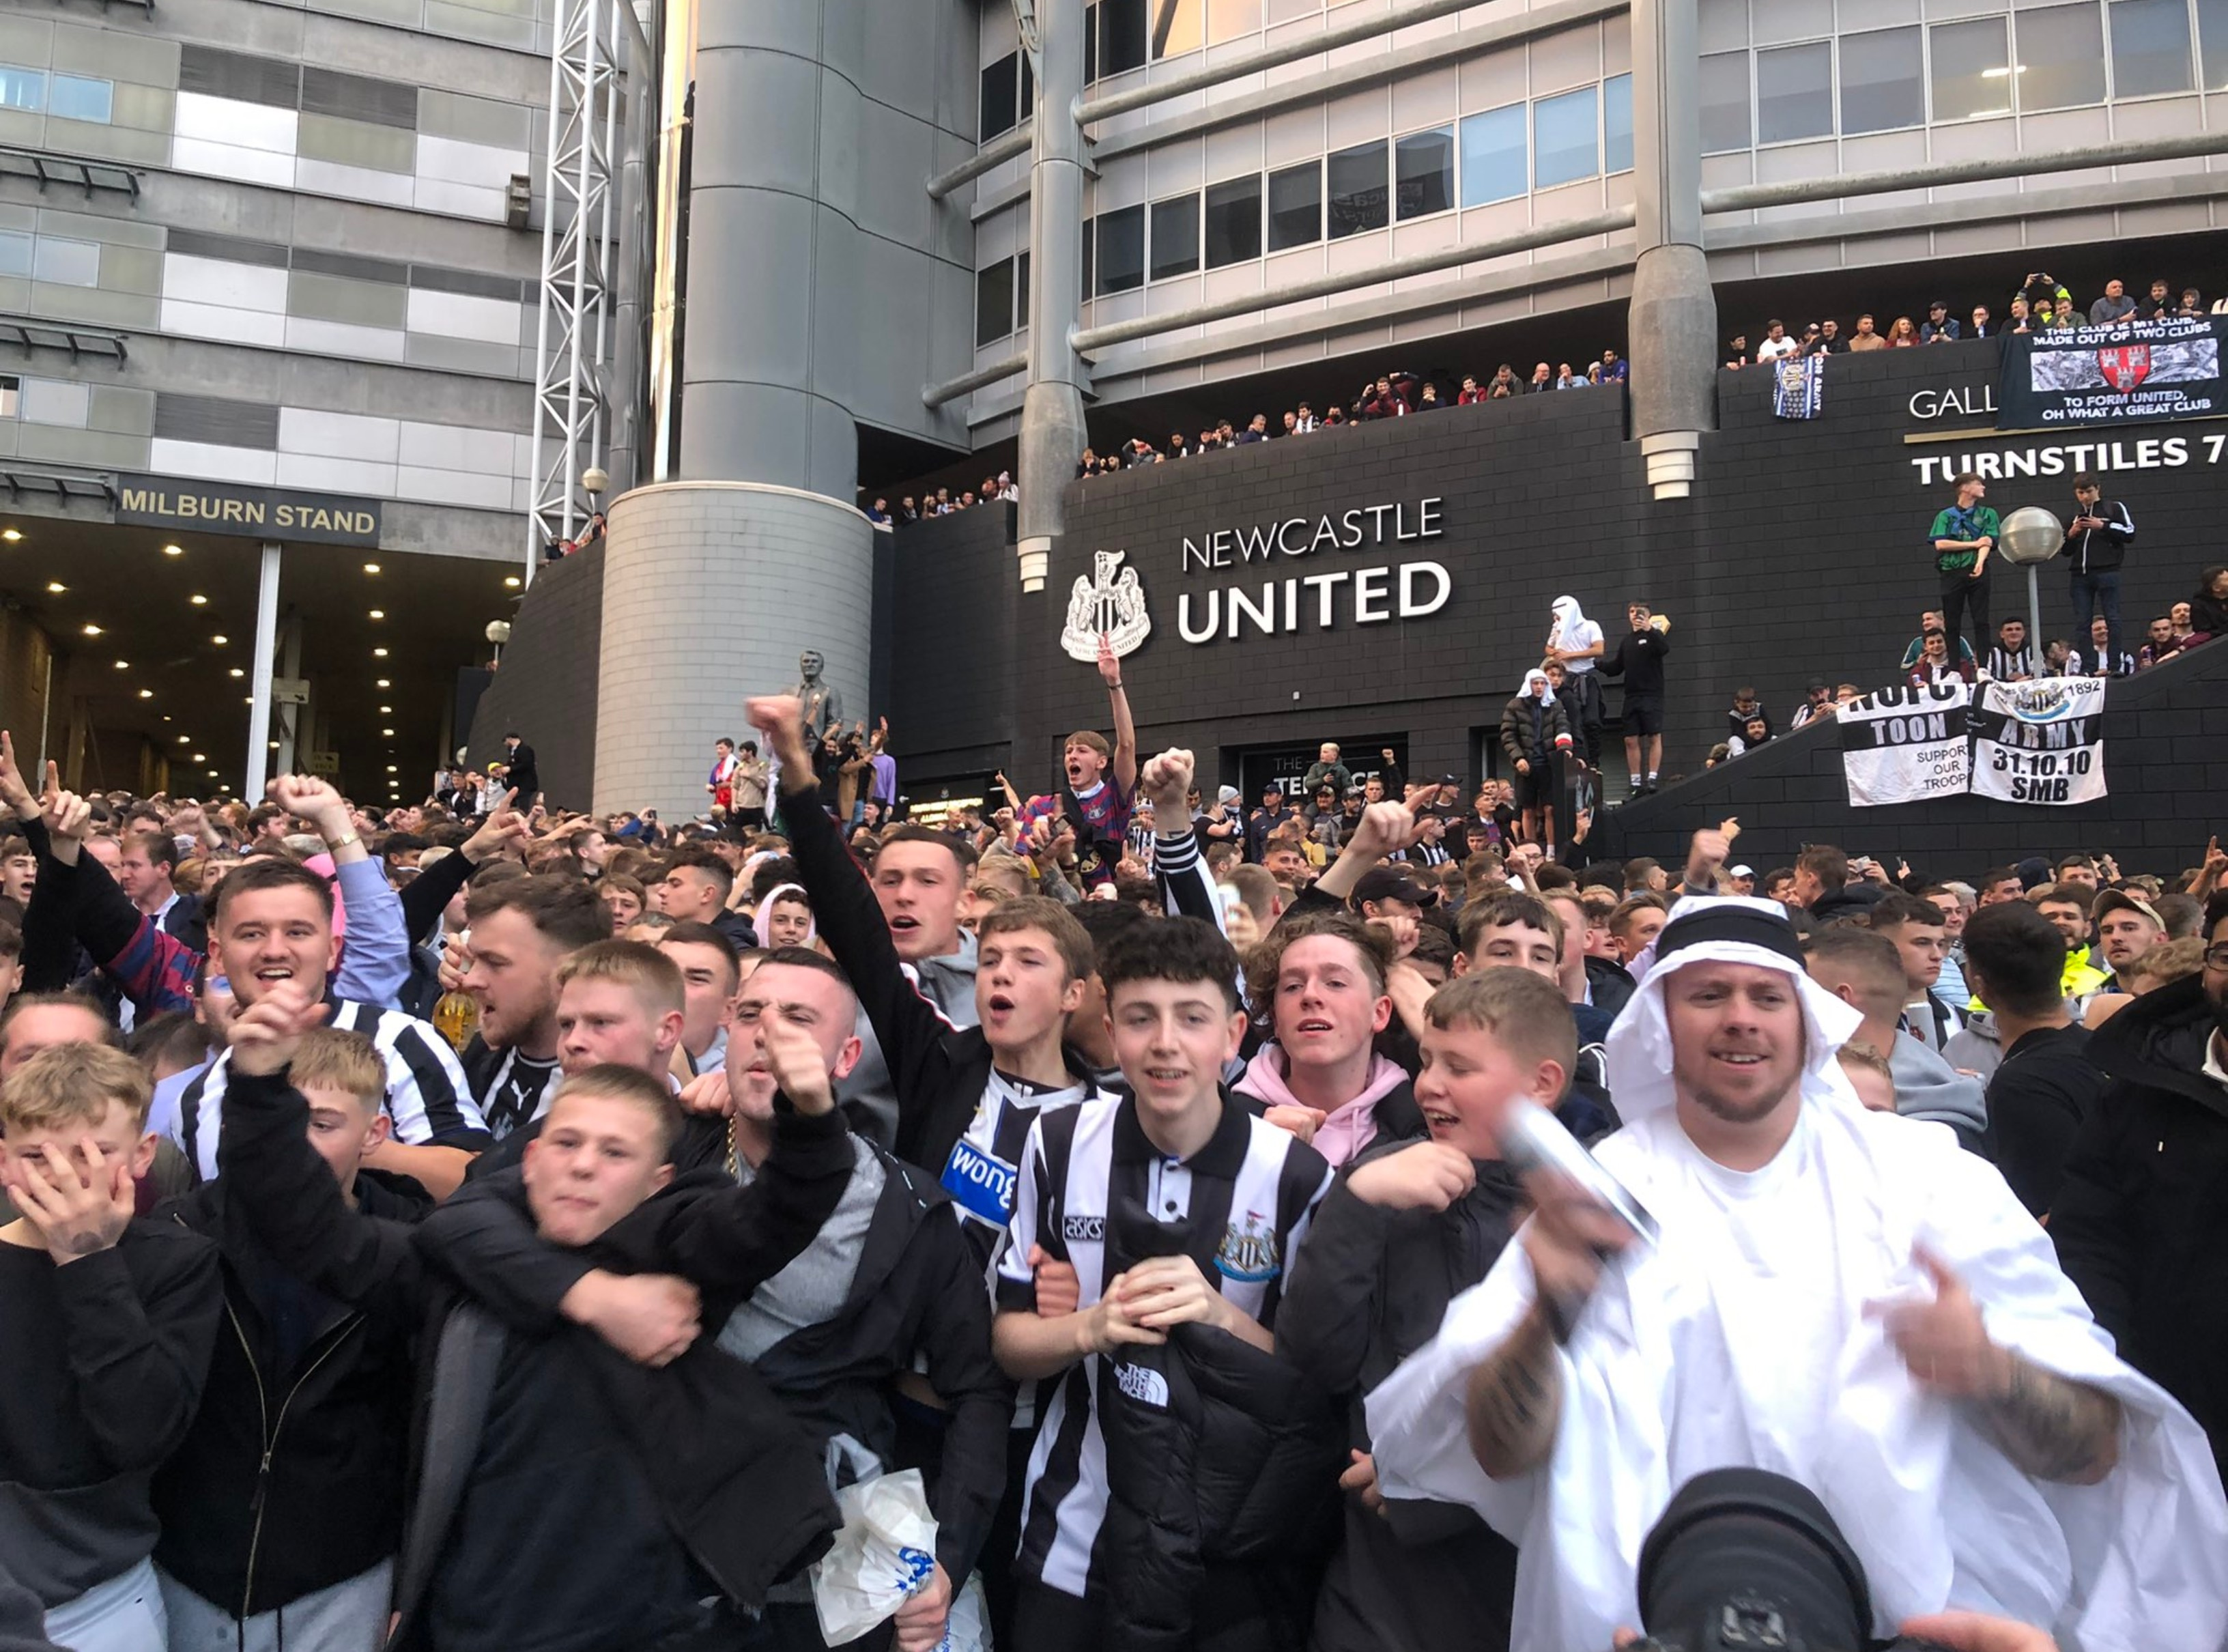 Newcastle United desplaza al Manchester City y su nuevo dueño, un jeque, lo quiere convertir en el equipo más poderoso del mundo – Prensa Libre